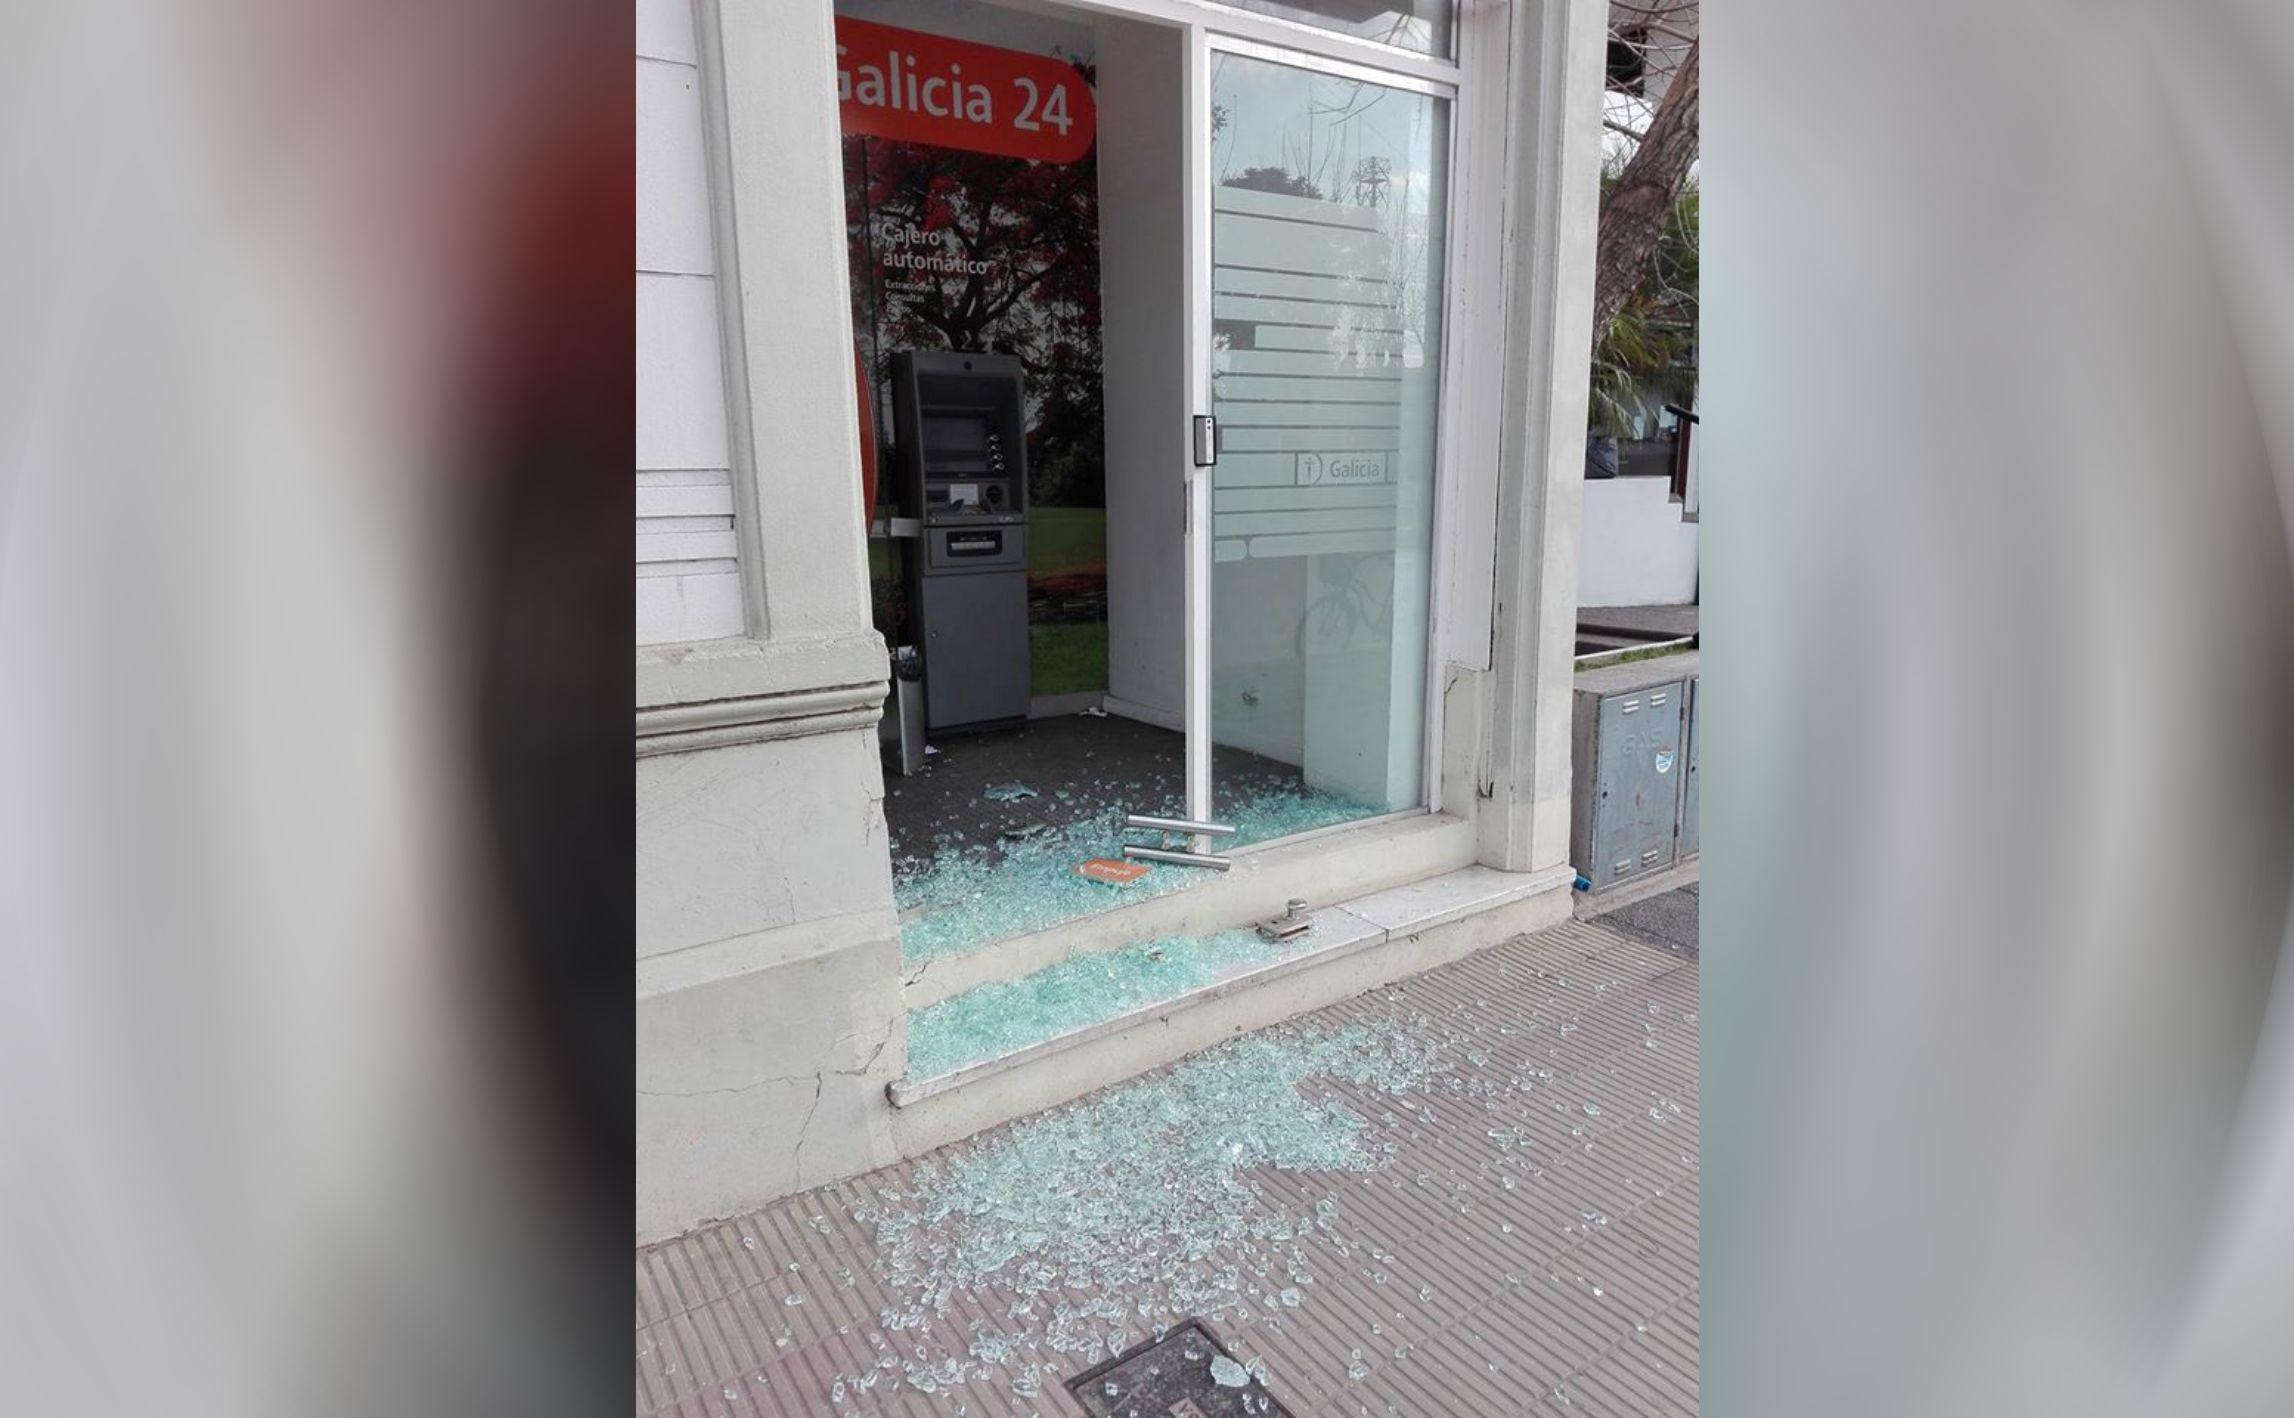 Vandalismo en el cajero del banco galicia infociudad for Banco galicia busca cajeros